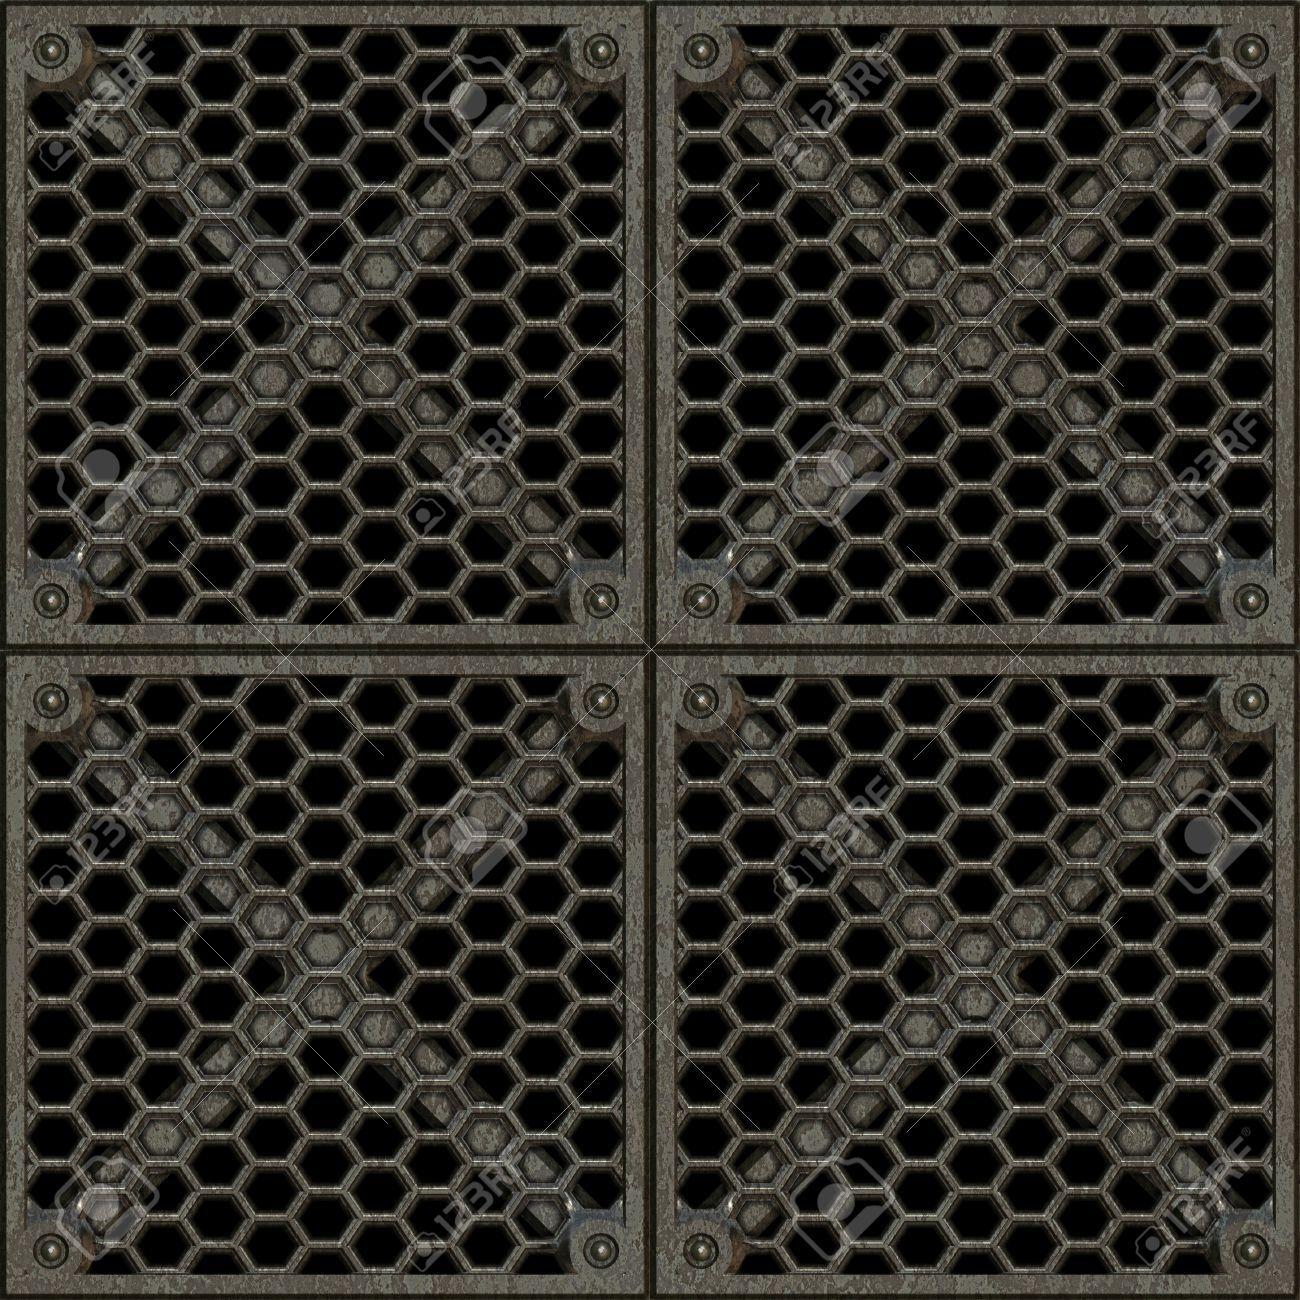 Stock Photo - Steel Grate Seamless Texture Tile | iLIKE ...